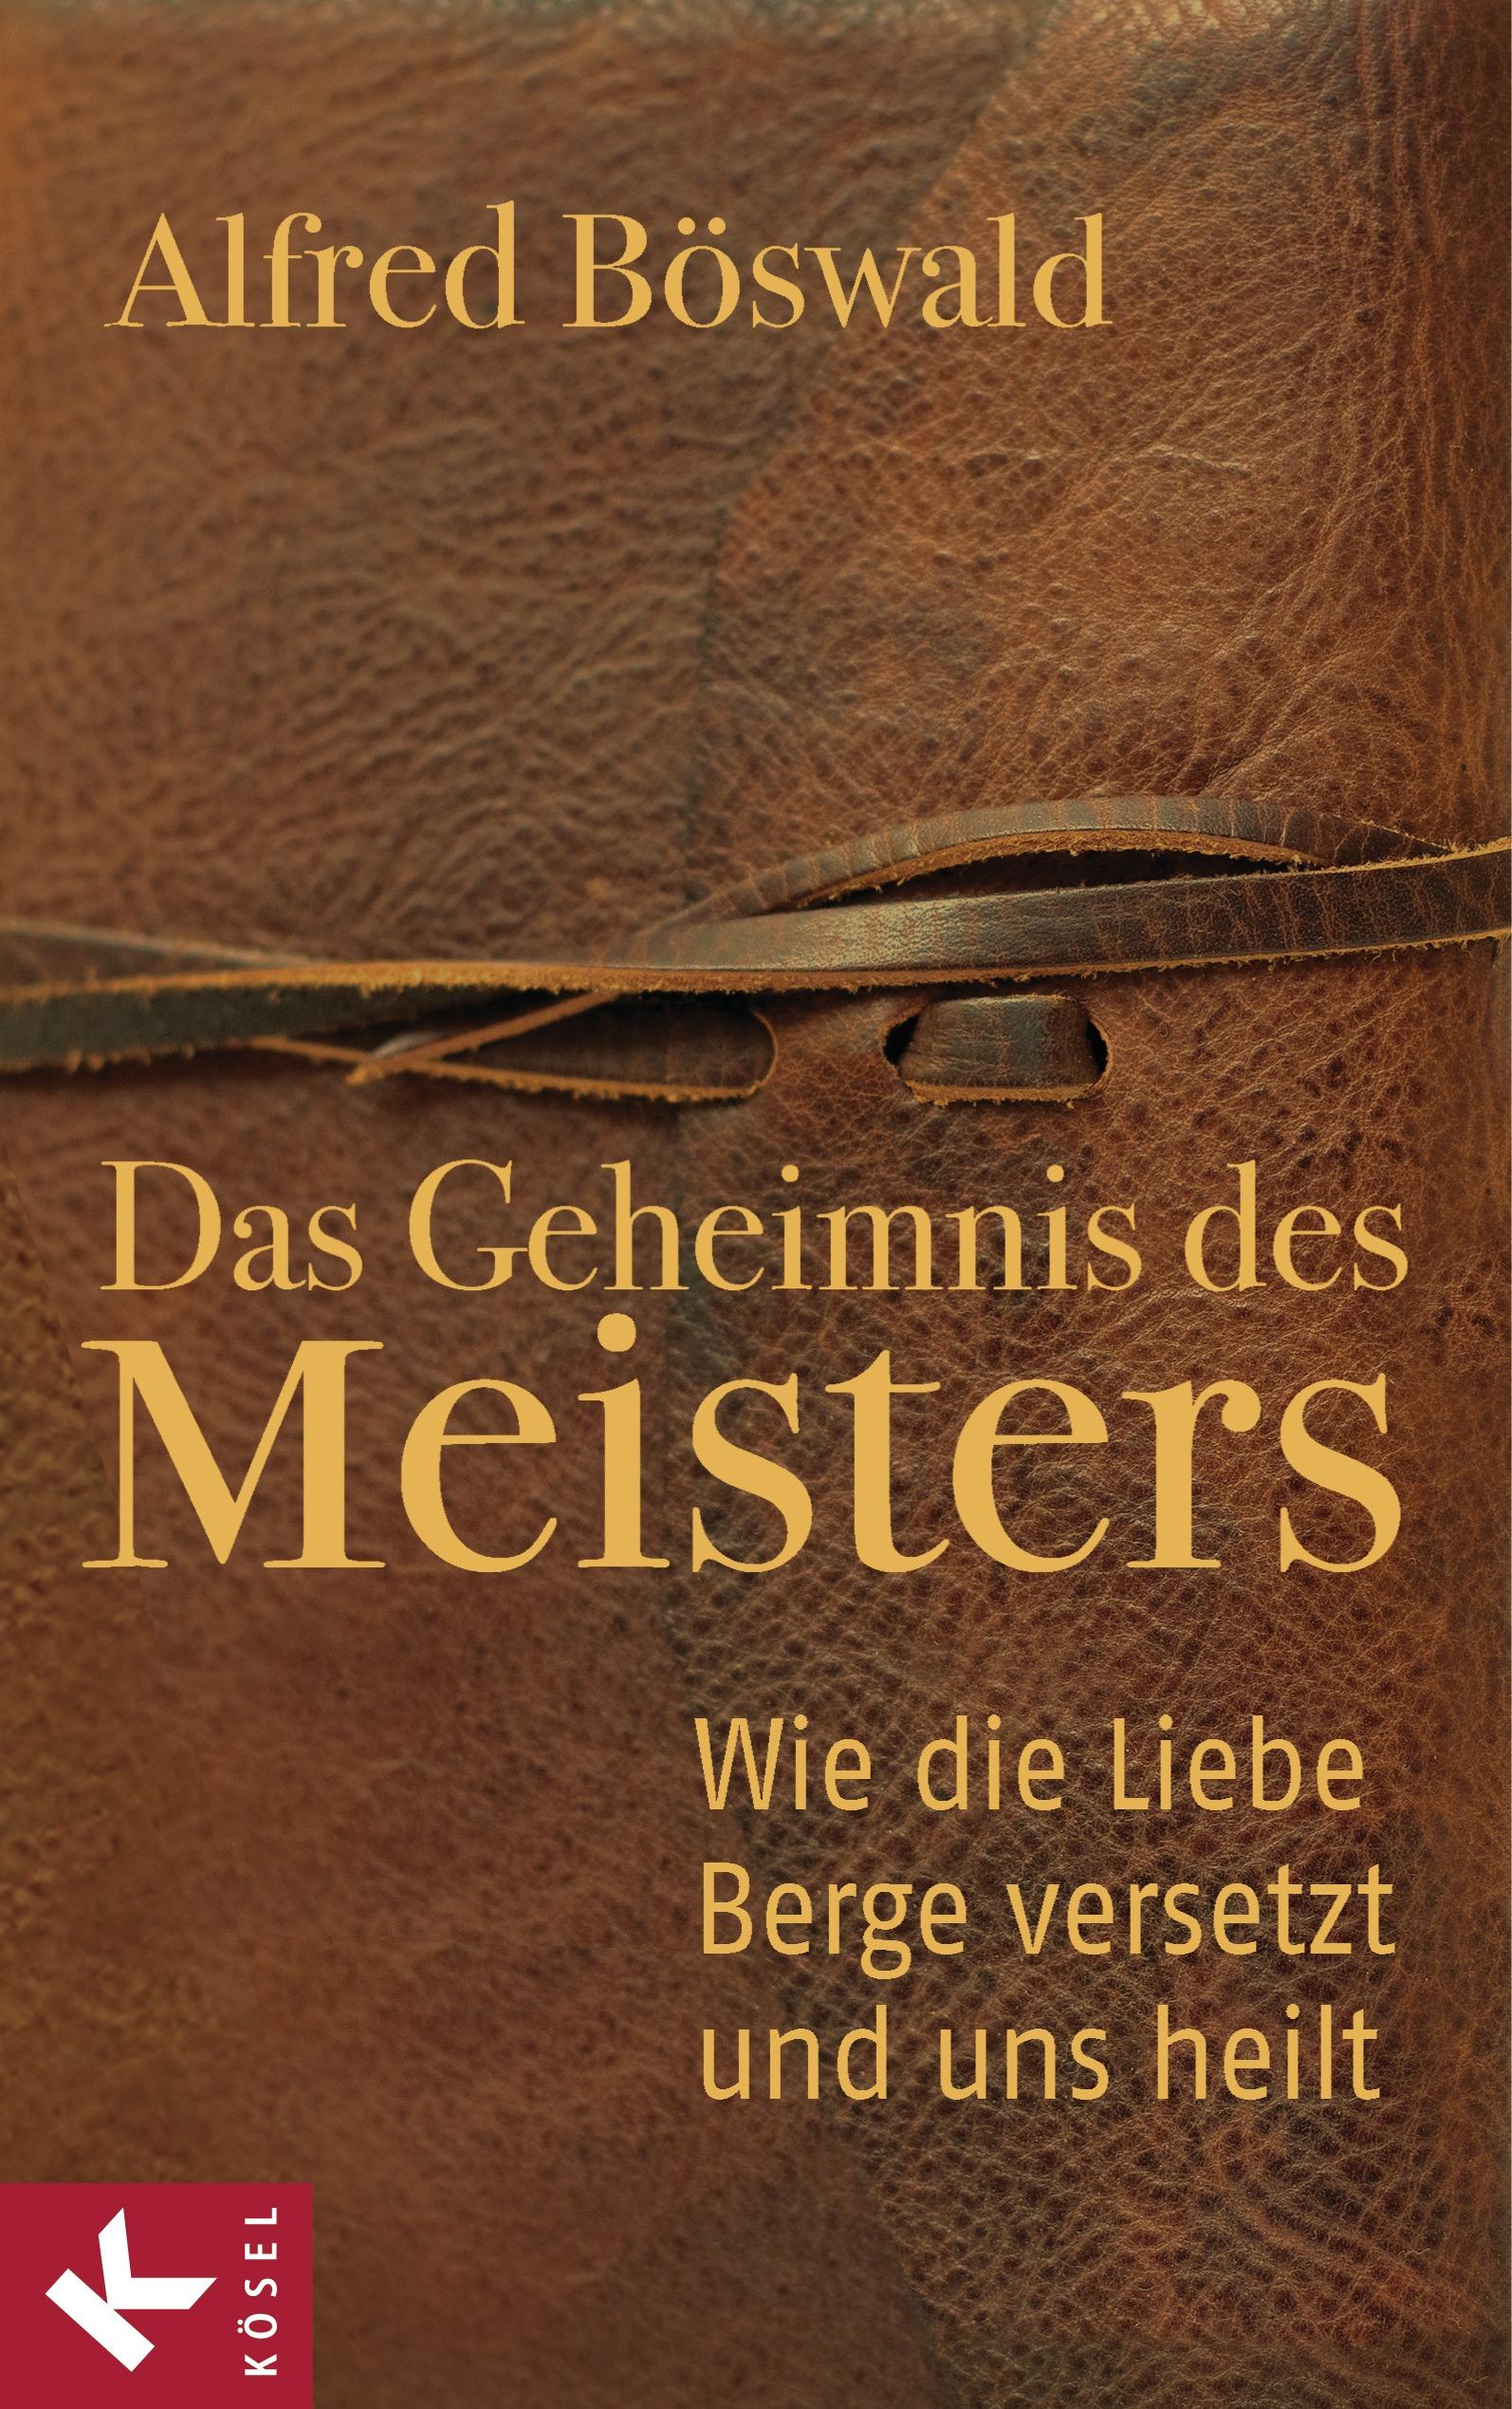 Das Geheimnis des Meisters: Wie die Liebe Berge versetzt und uns heilt - Alfred Böswald